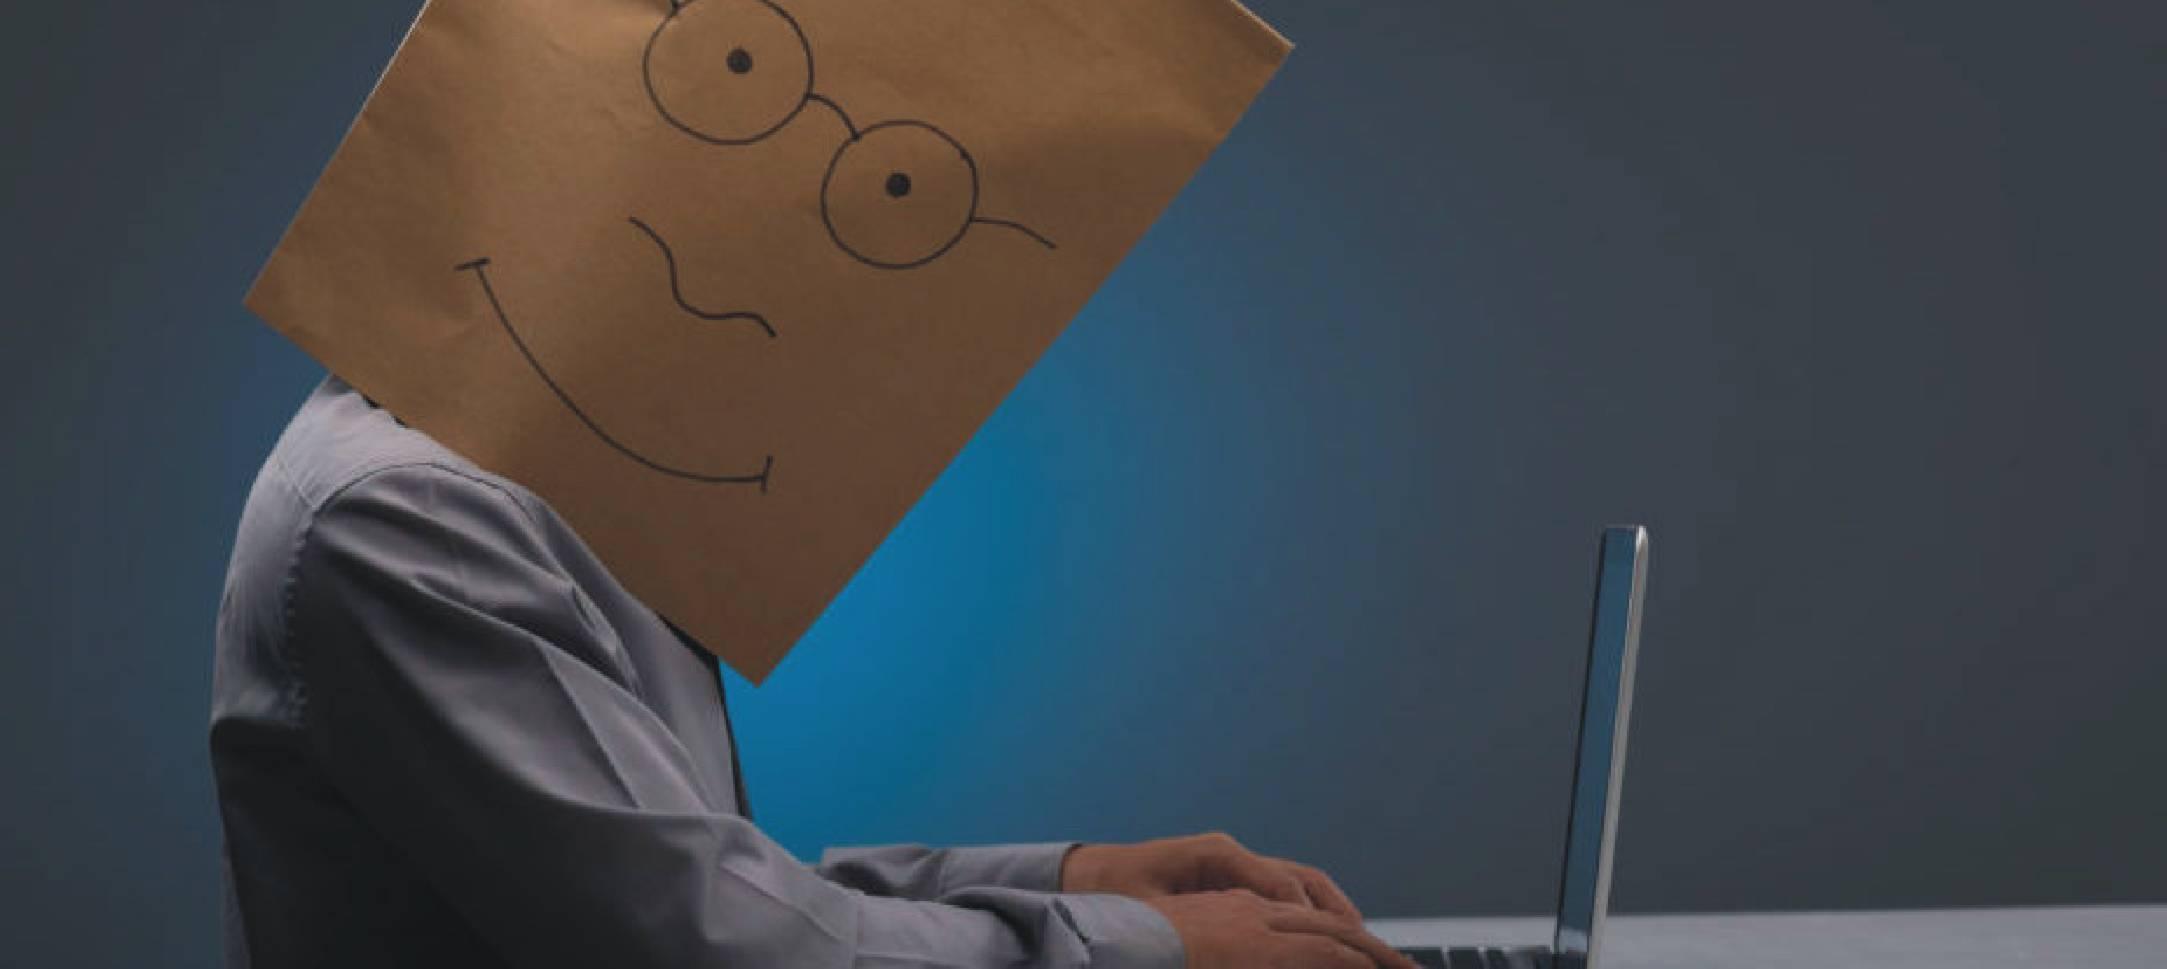 saia do anonimato - mascara de papel